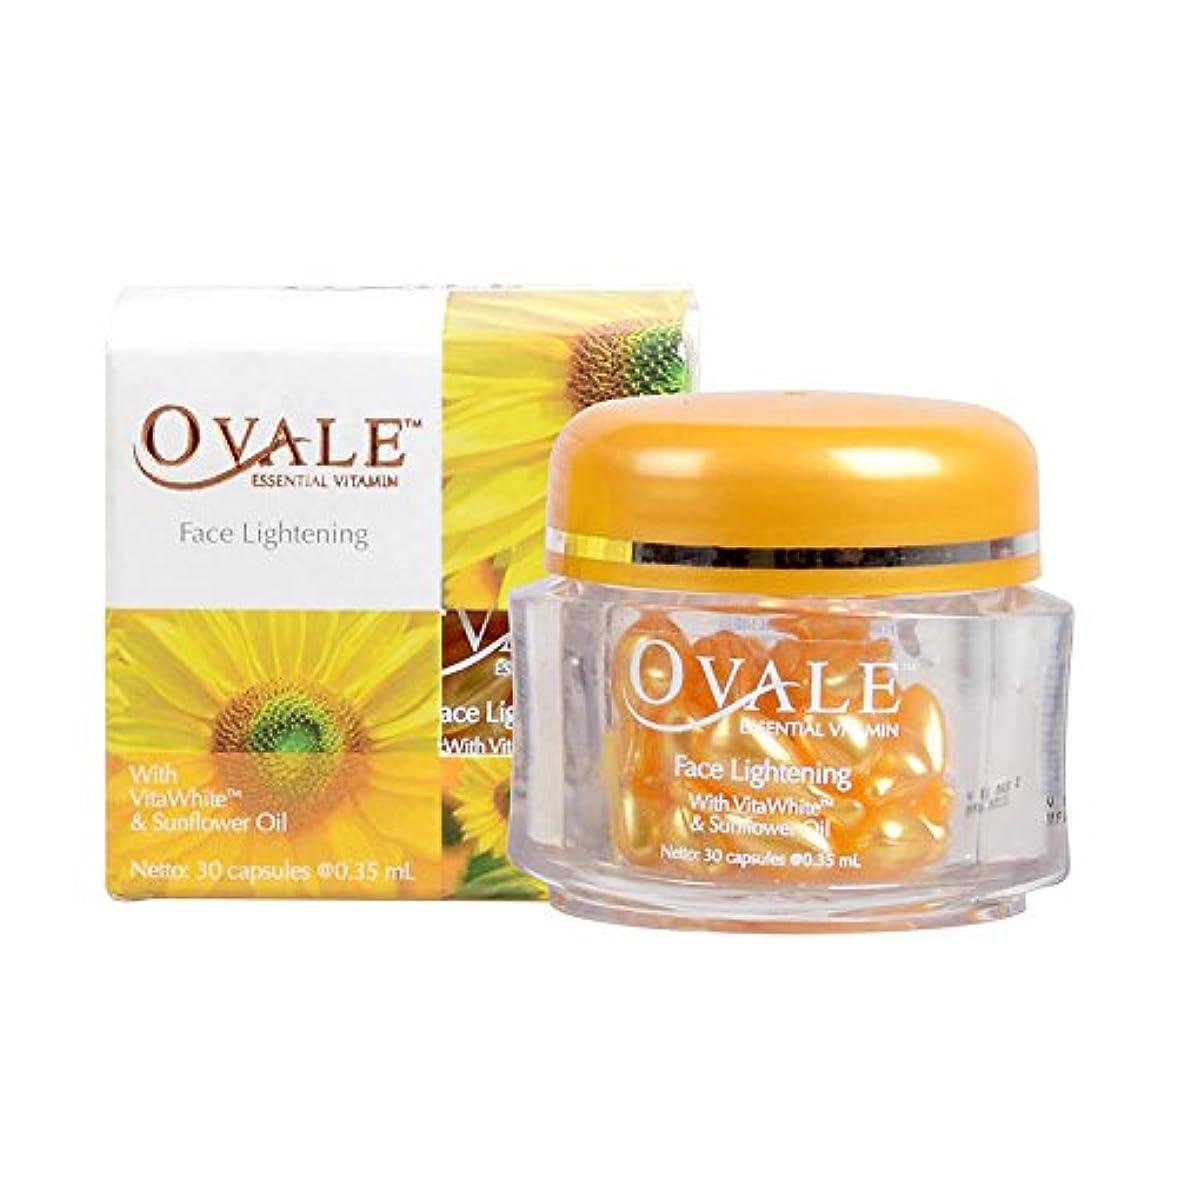 香ばしい花に水をやるハーネスOvale オーバル フェイスビタミン essential vitamin 30粒入ボトル サンフラワー バリ島 bali [海外直送品]